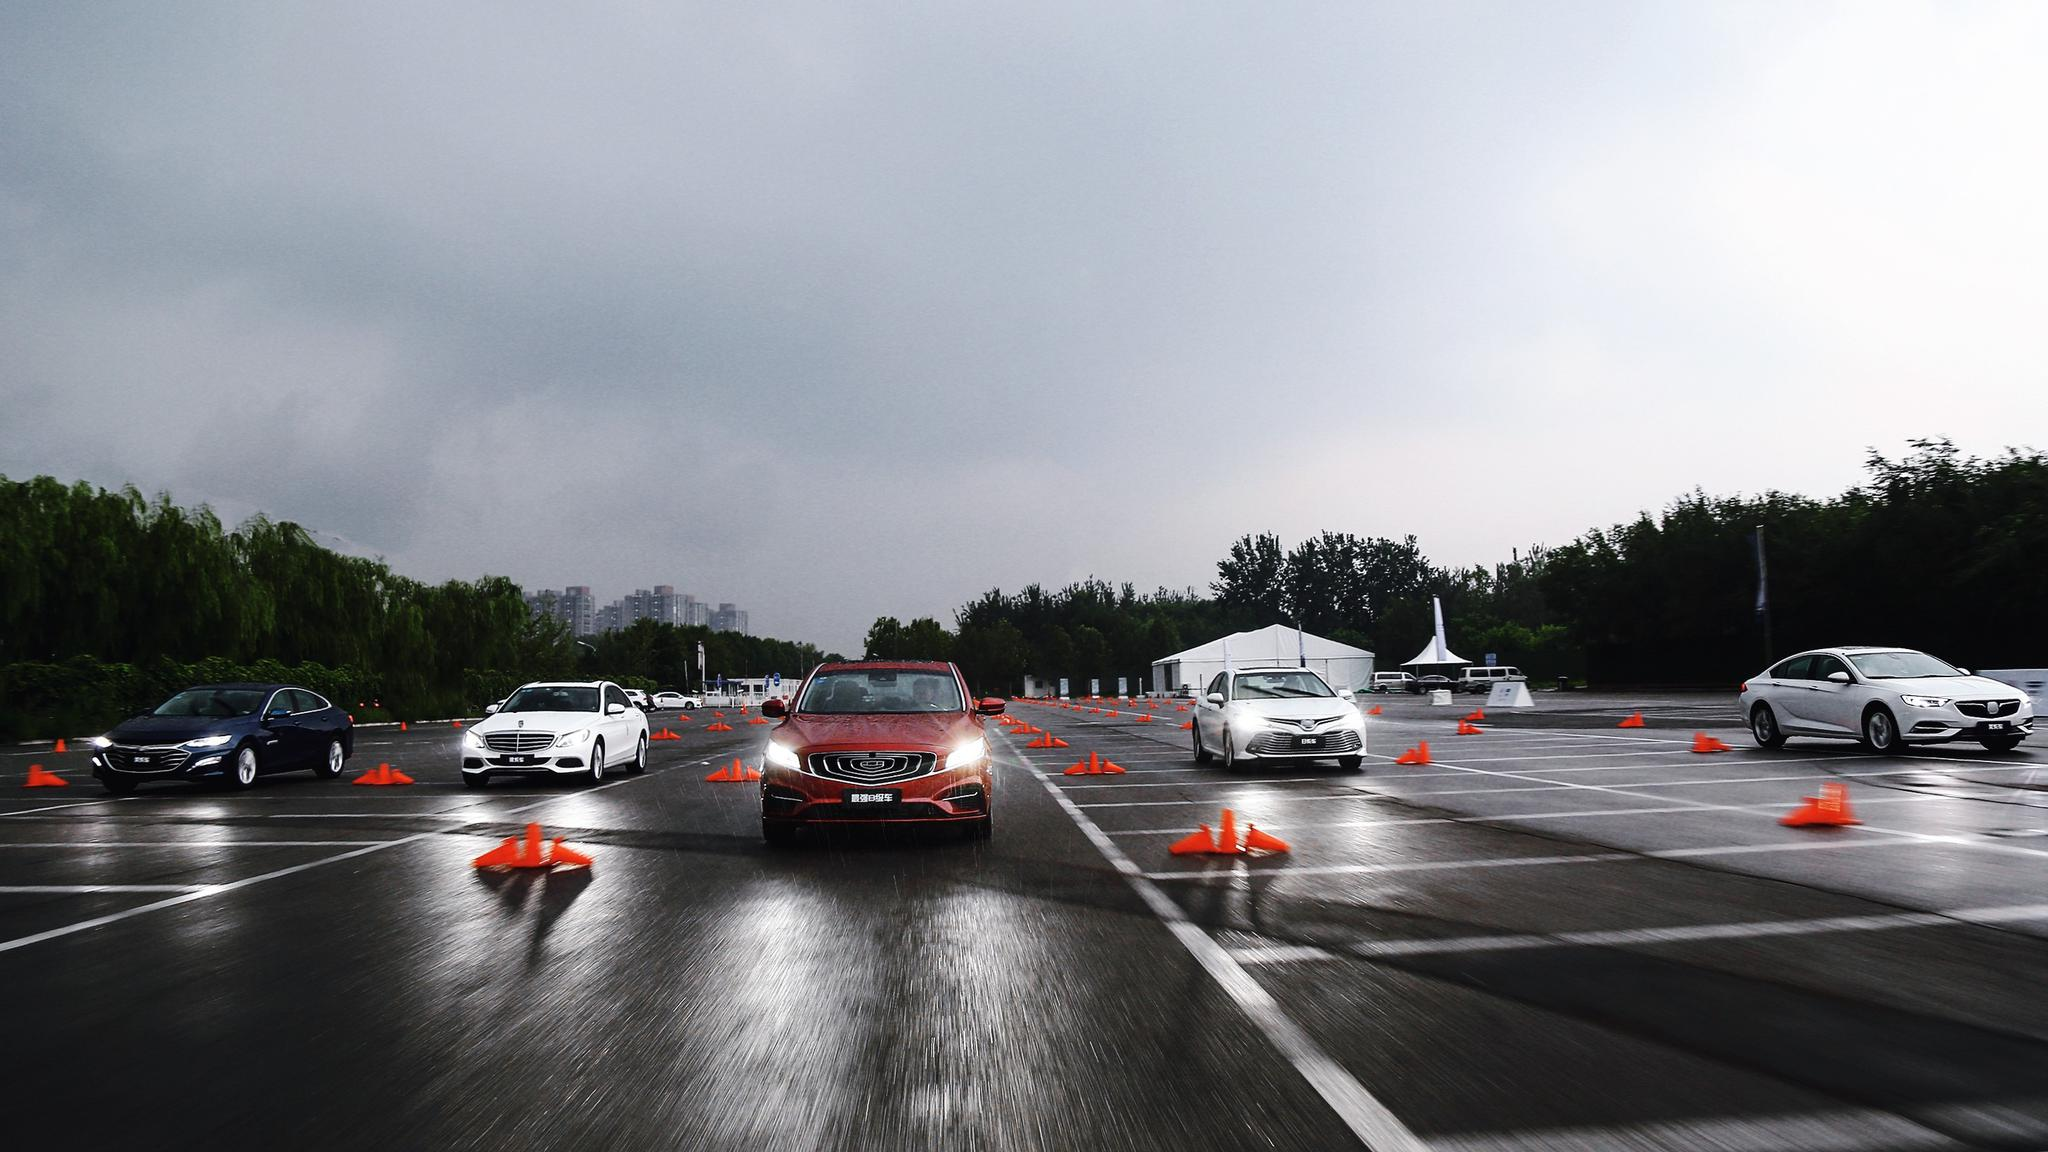 2020款博瑞GE与德美日合资车同台竞技 世界冠军孙杨成首任车主